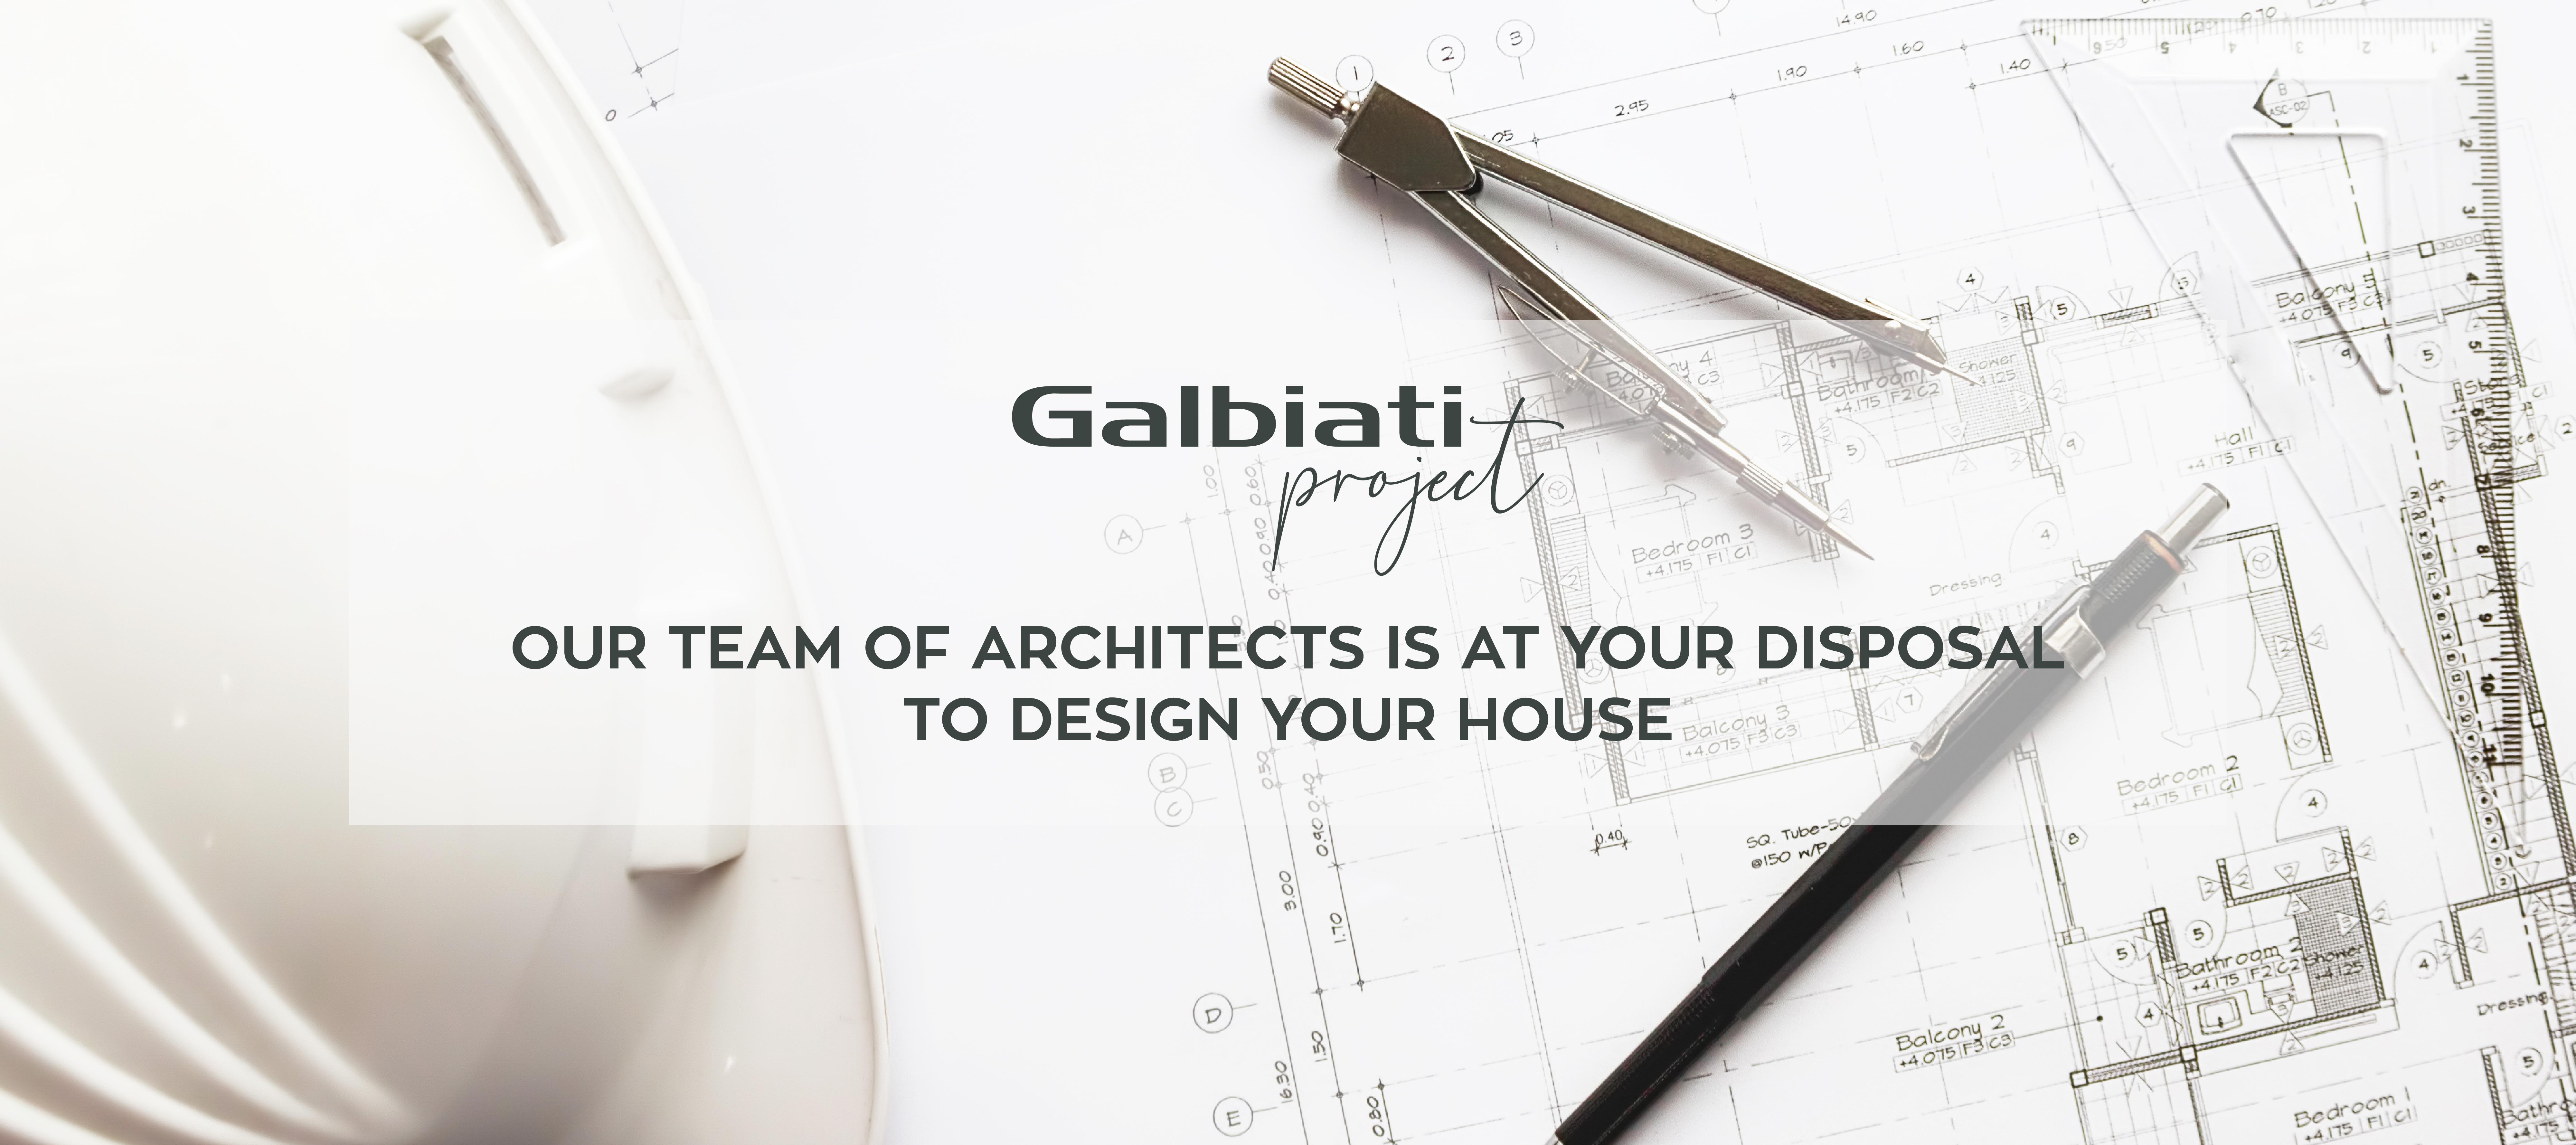 galbiati design furniture Milan Italy galbiati project